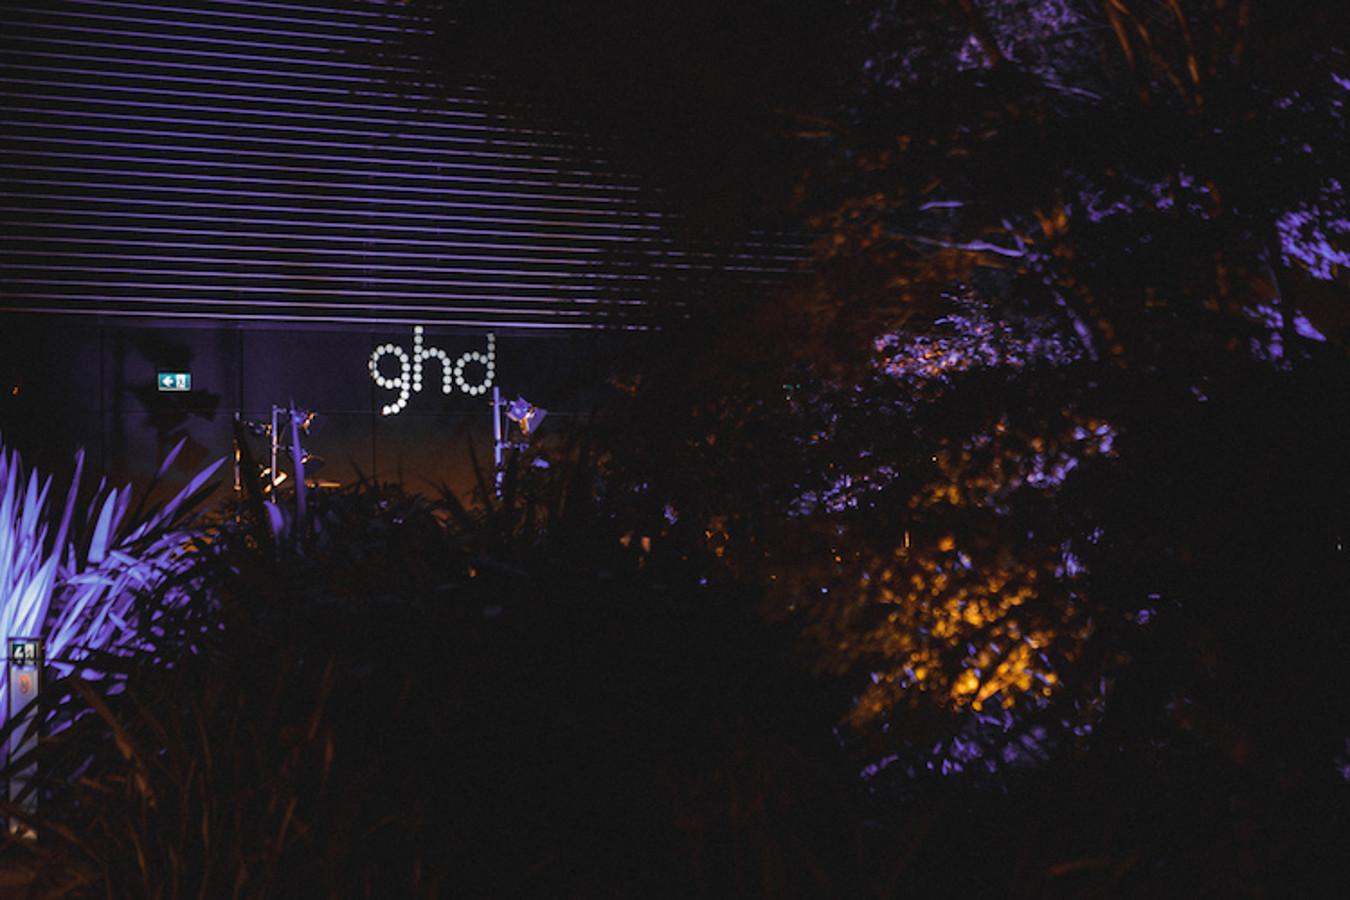 GHD+NOCTURNE+INFINATE+STYLE+BTS.jpg